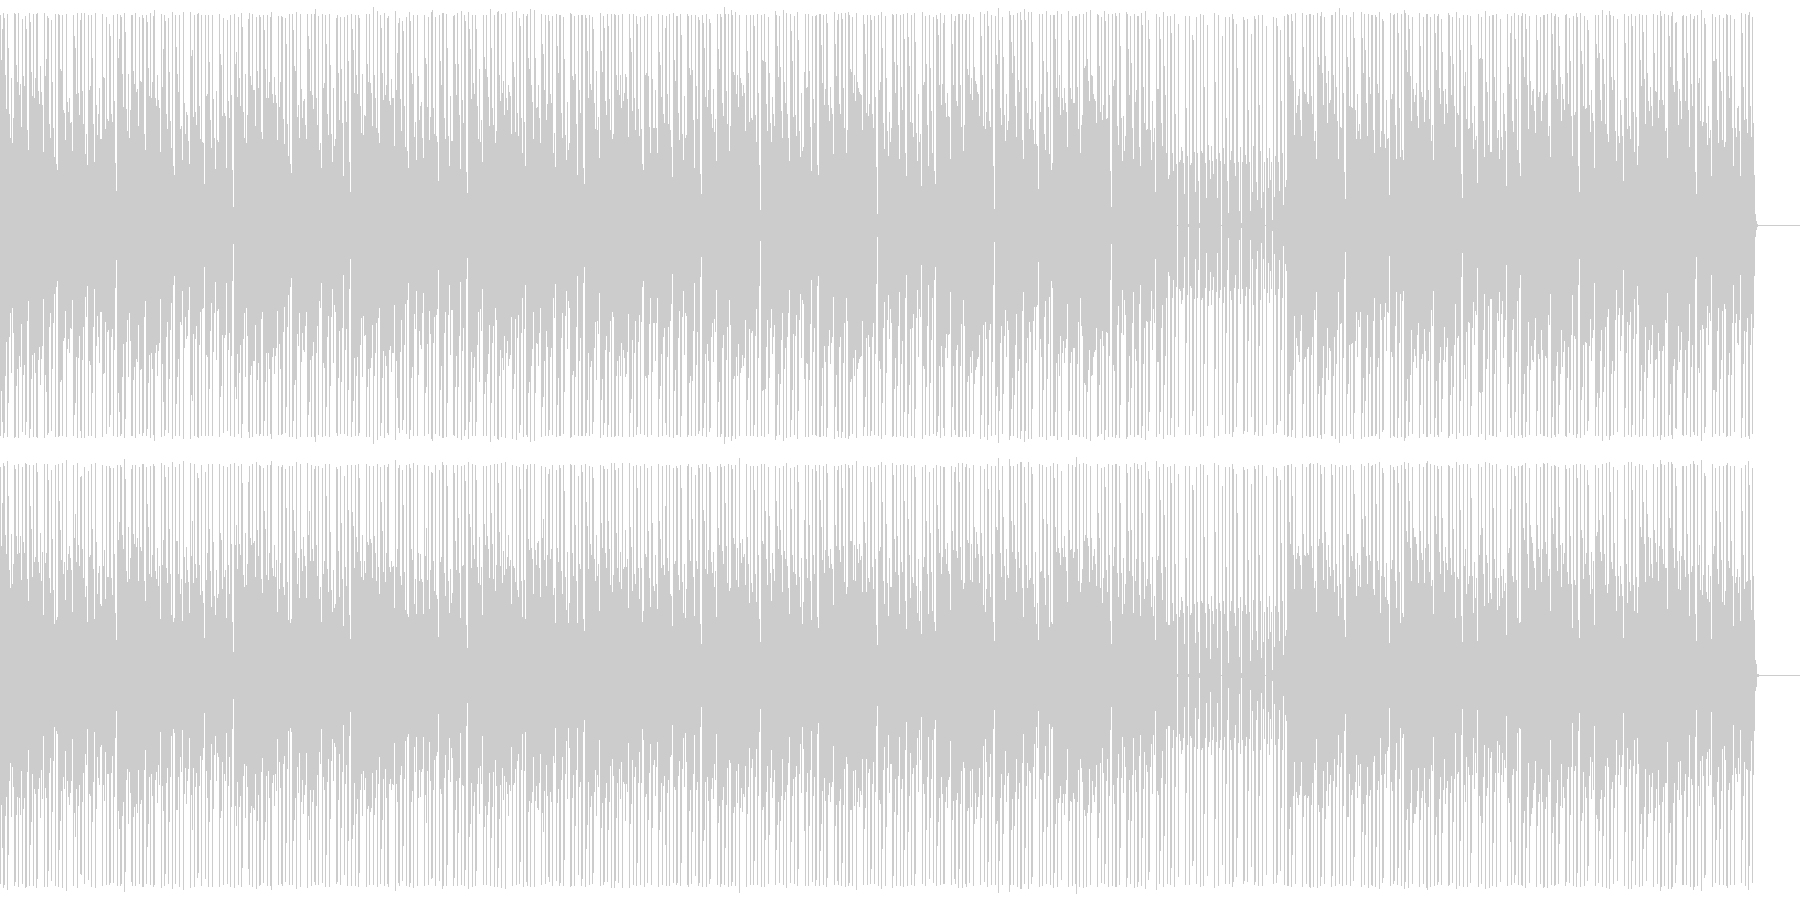 ヒップホップ/シンプル・王道/ギター/3の未再生の波形